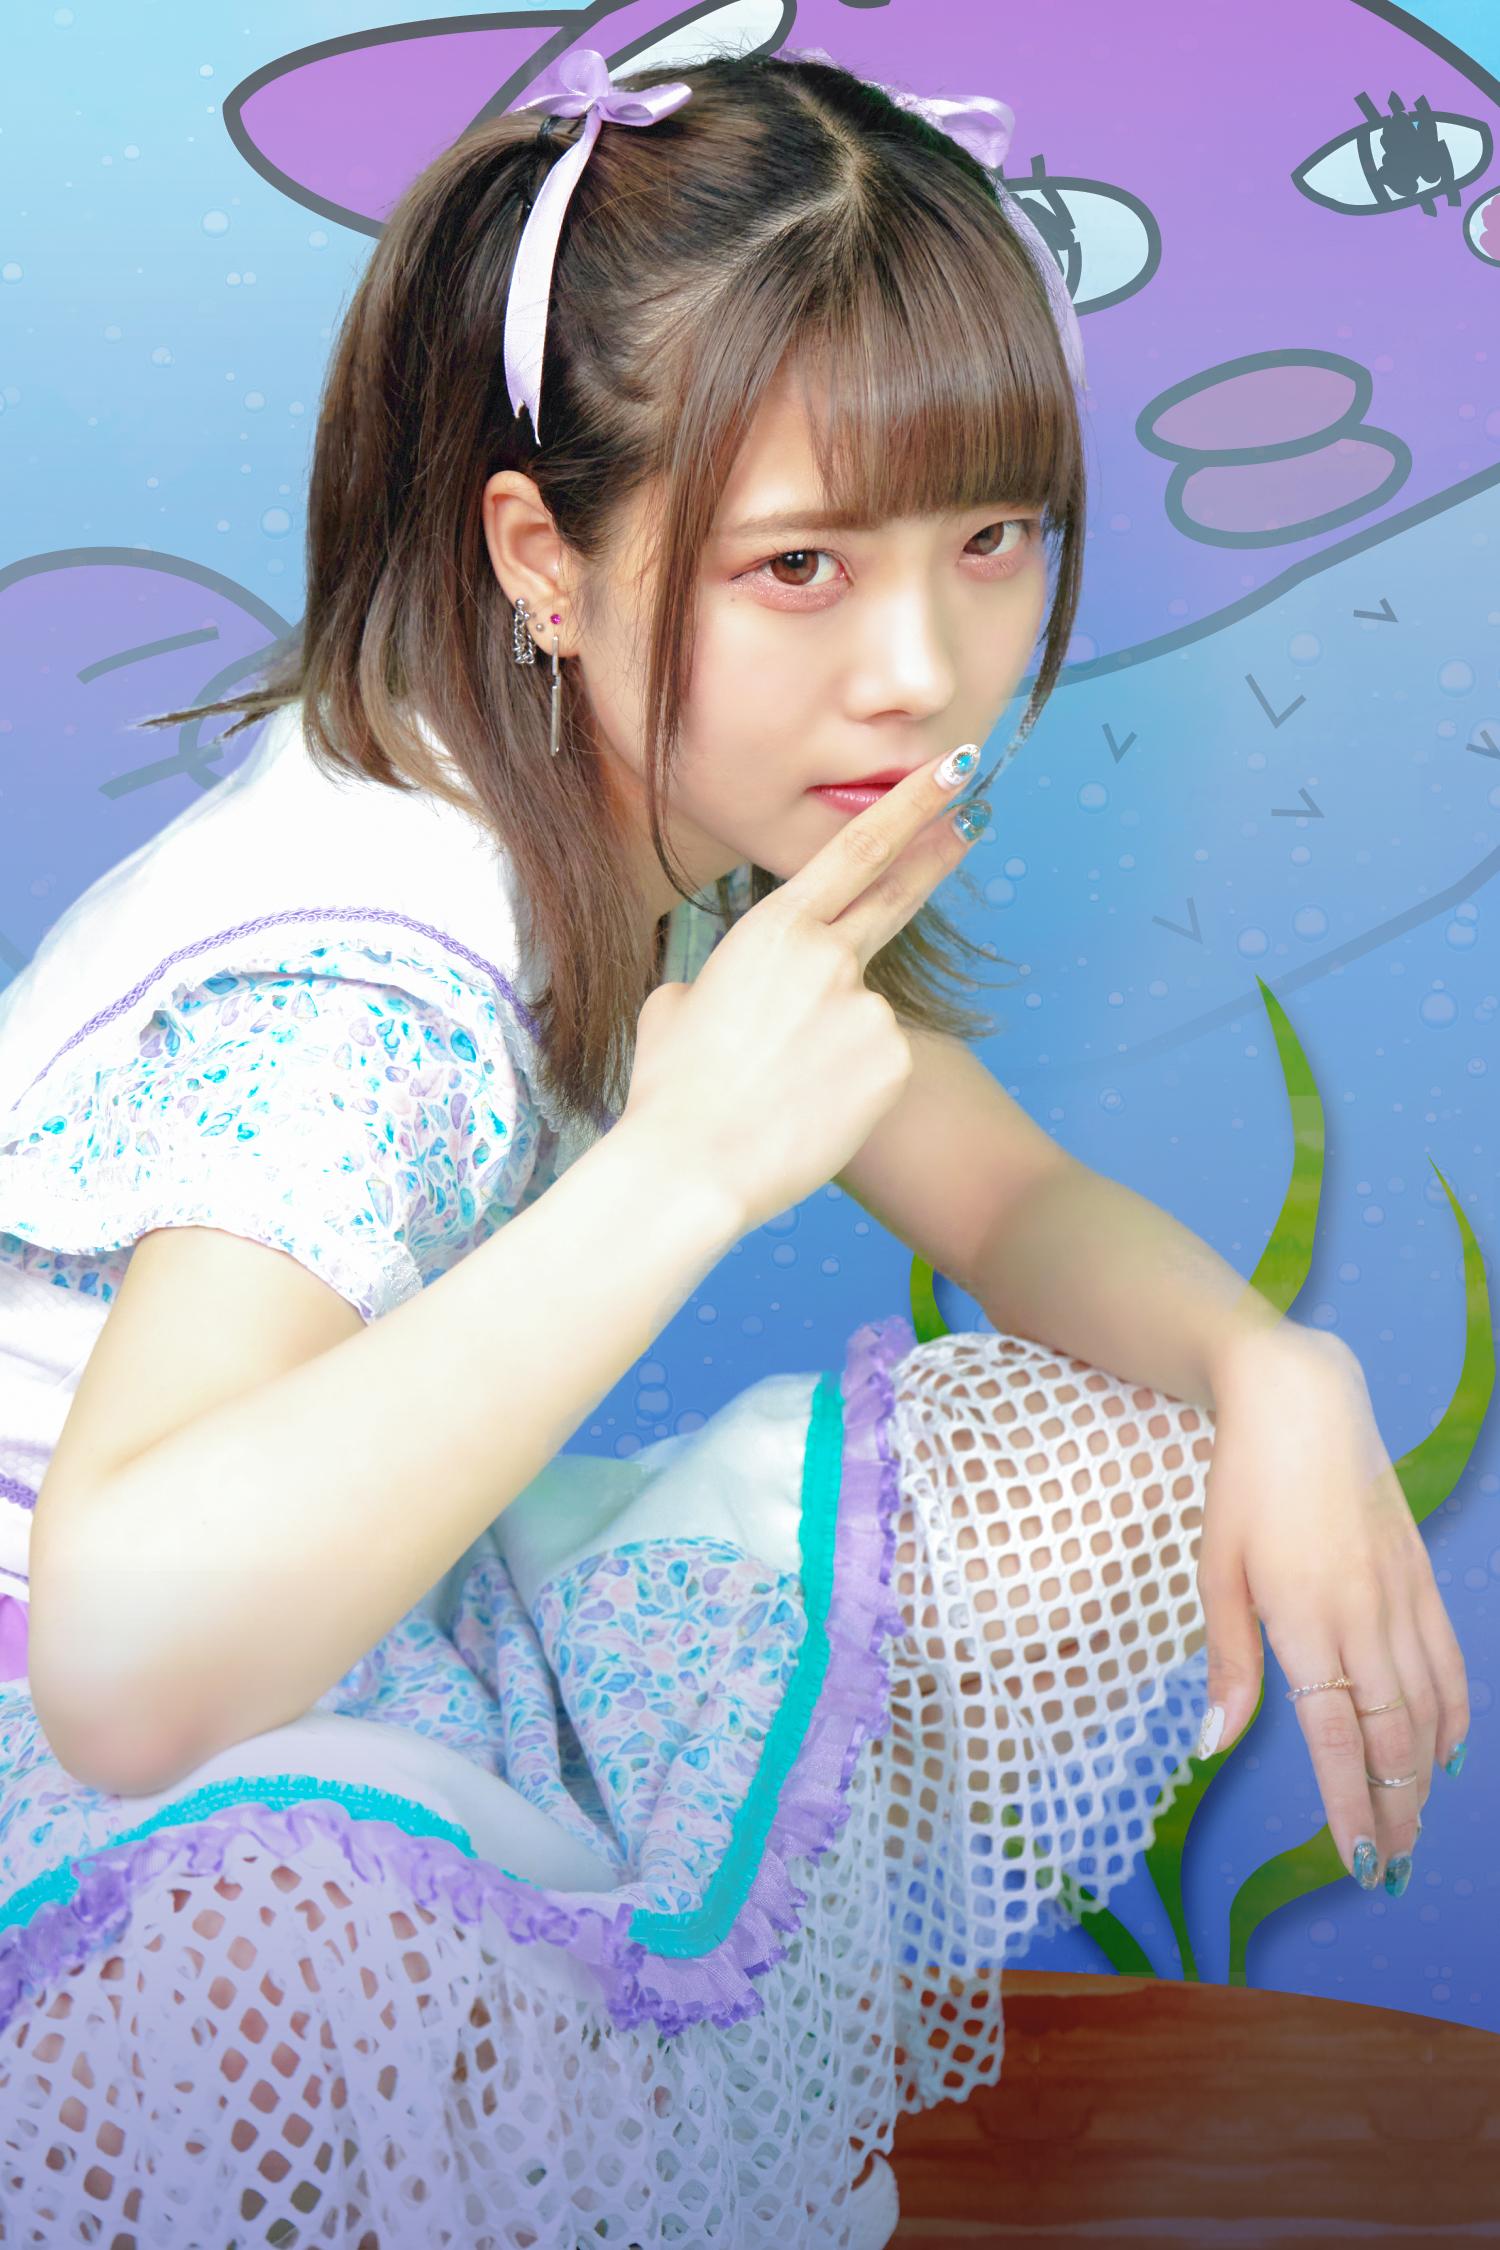 fugu001